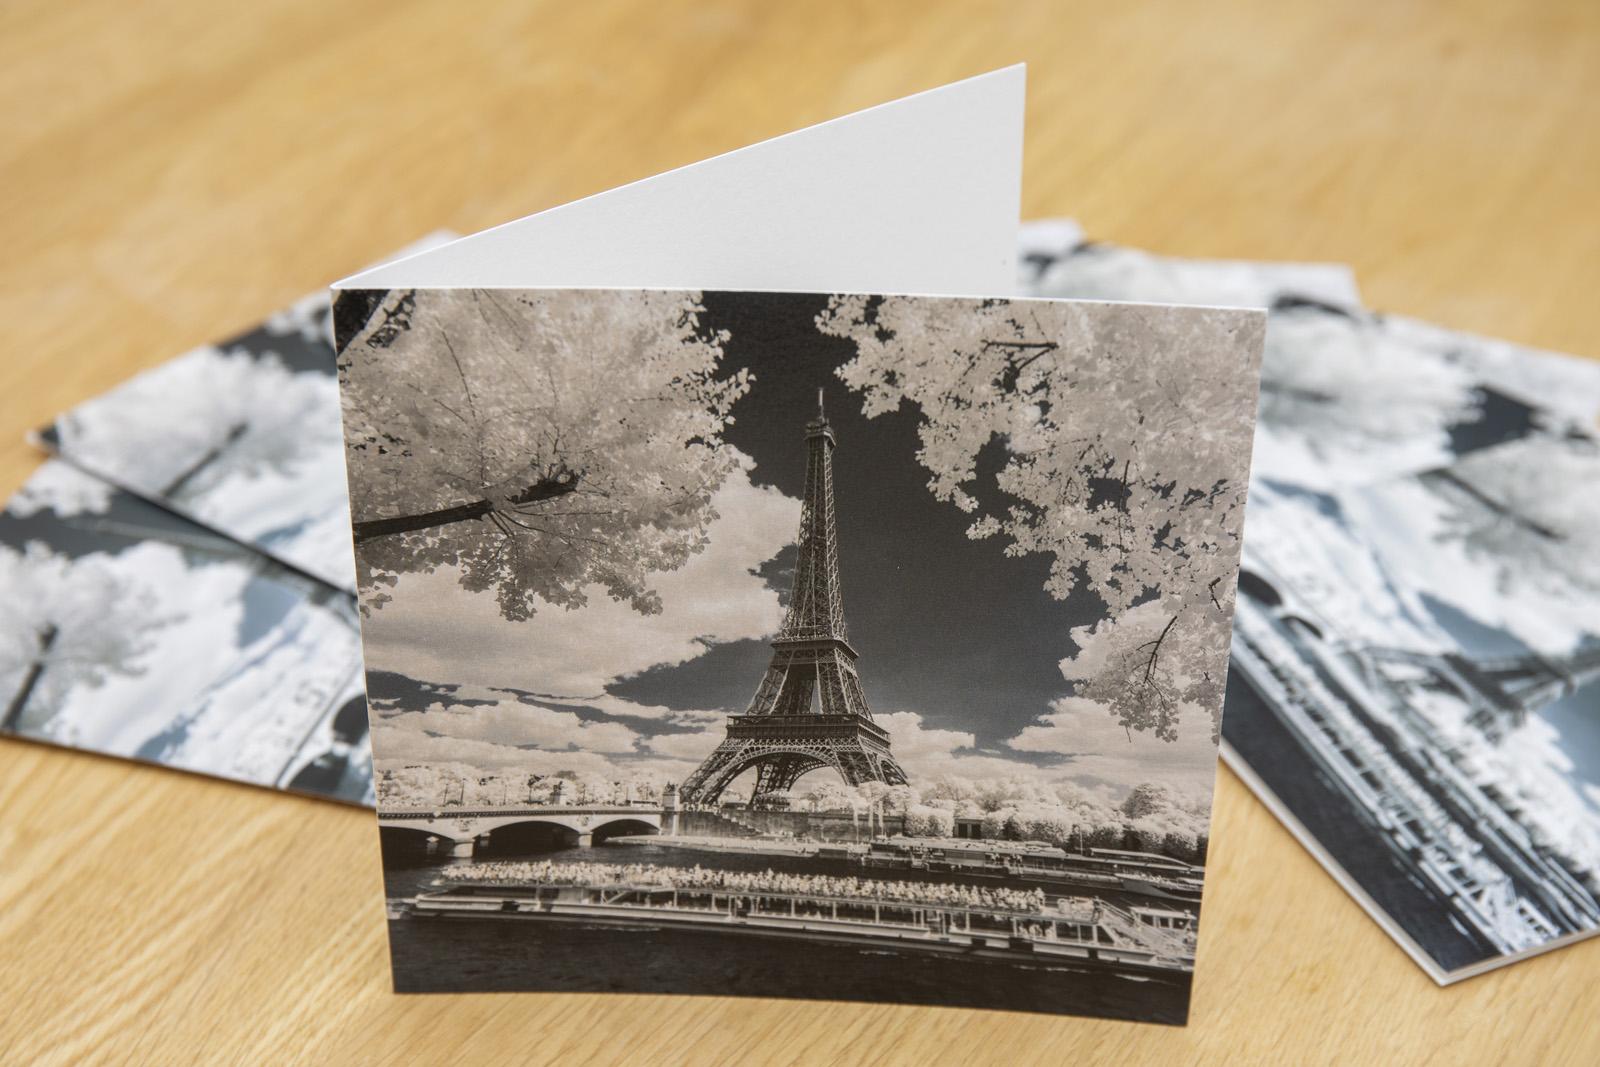 Illustration des cartes de contact éditées par Mécénat Chirurgie Cardiaque et illustrées par une vue de Paris en infrarouge réalisée par Pierre-Louis Ferrer, photographe spécialisé en photographie dans l'infrarouge et l'ultraviolet.